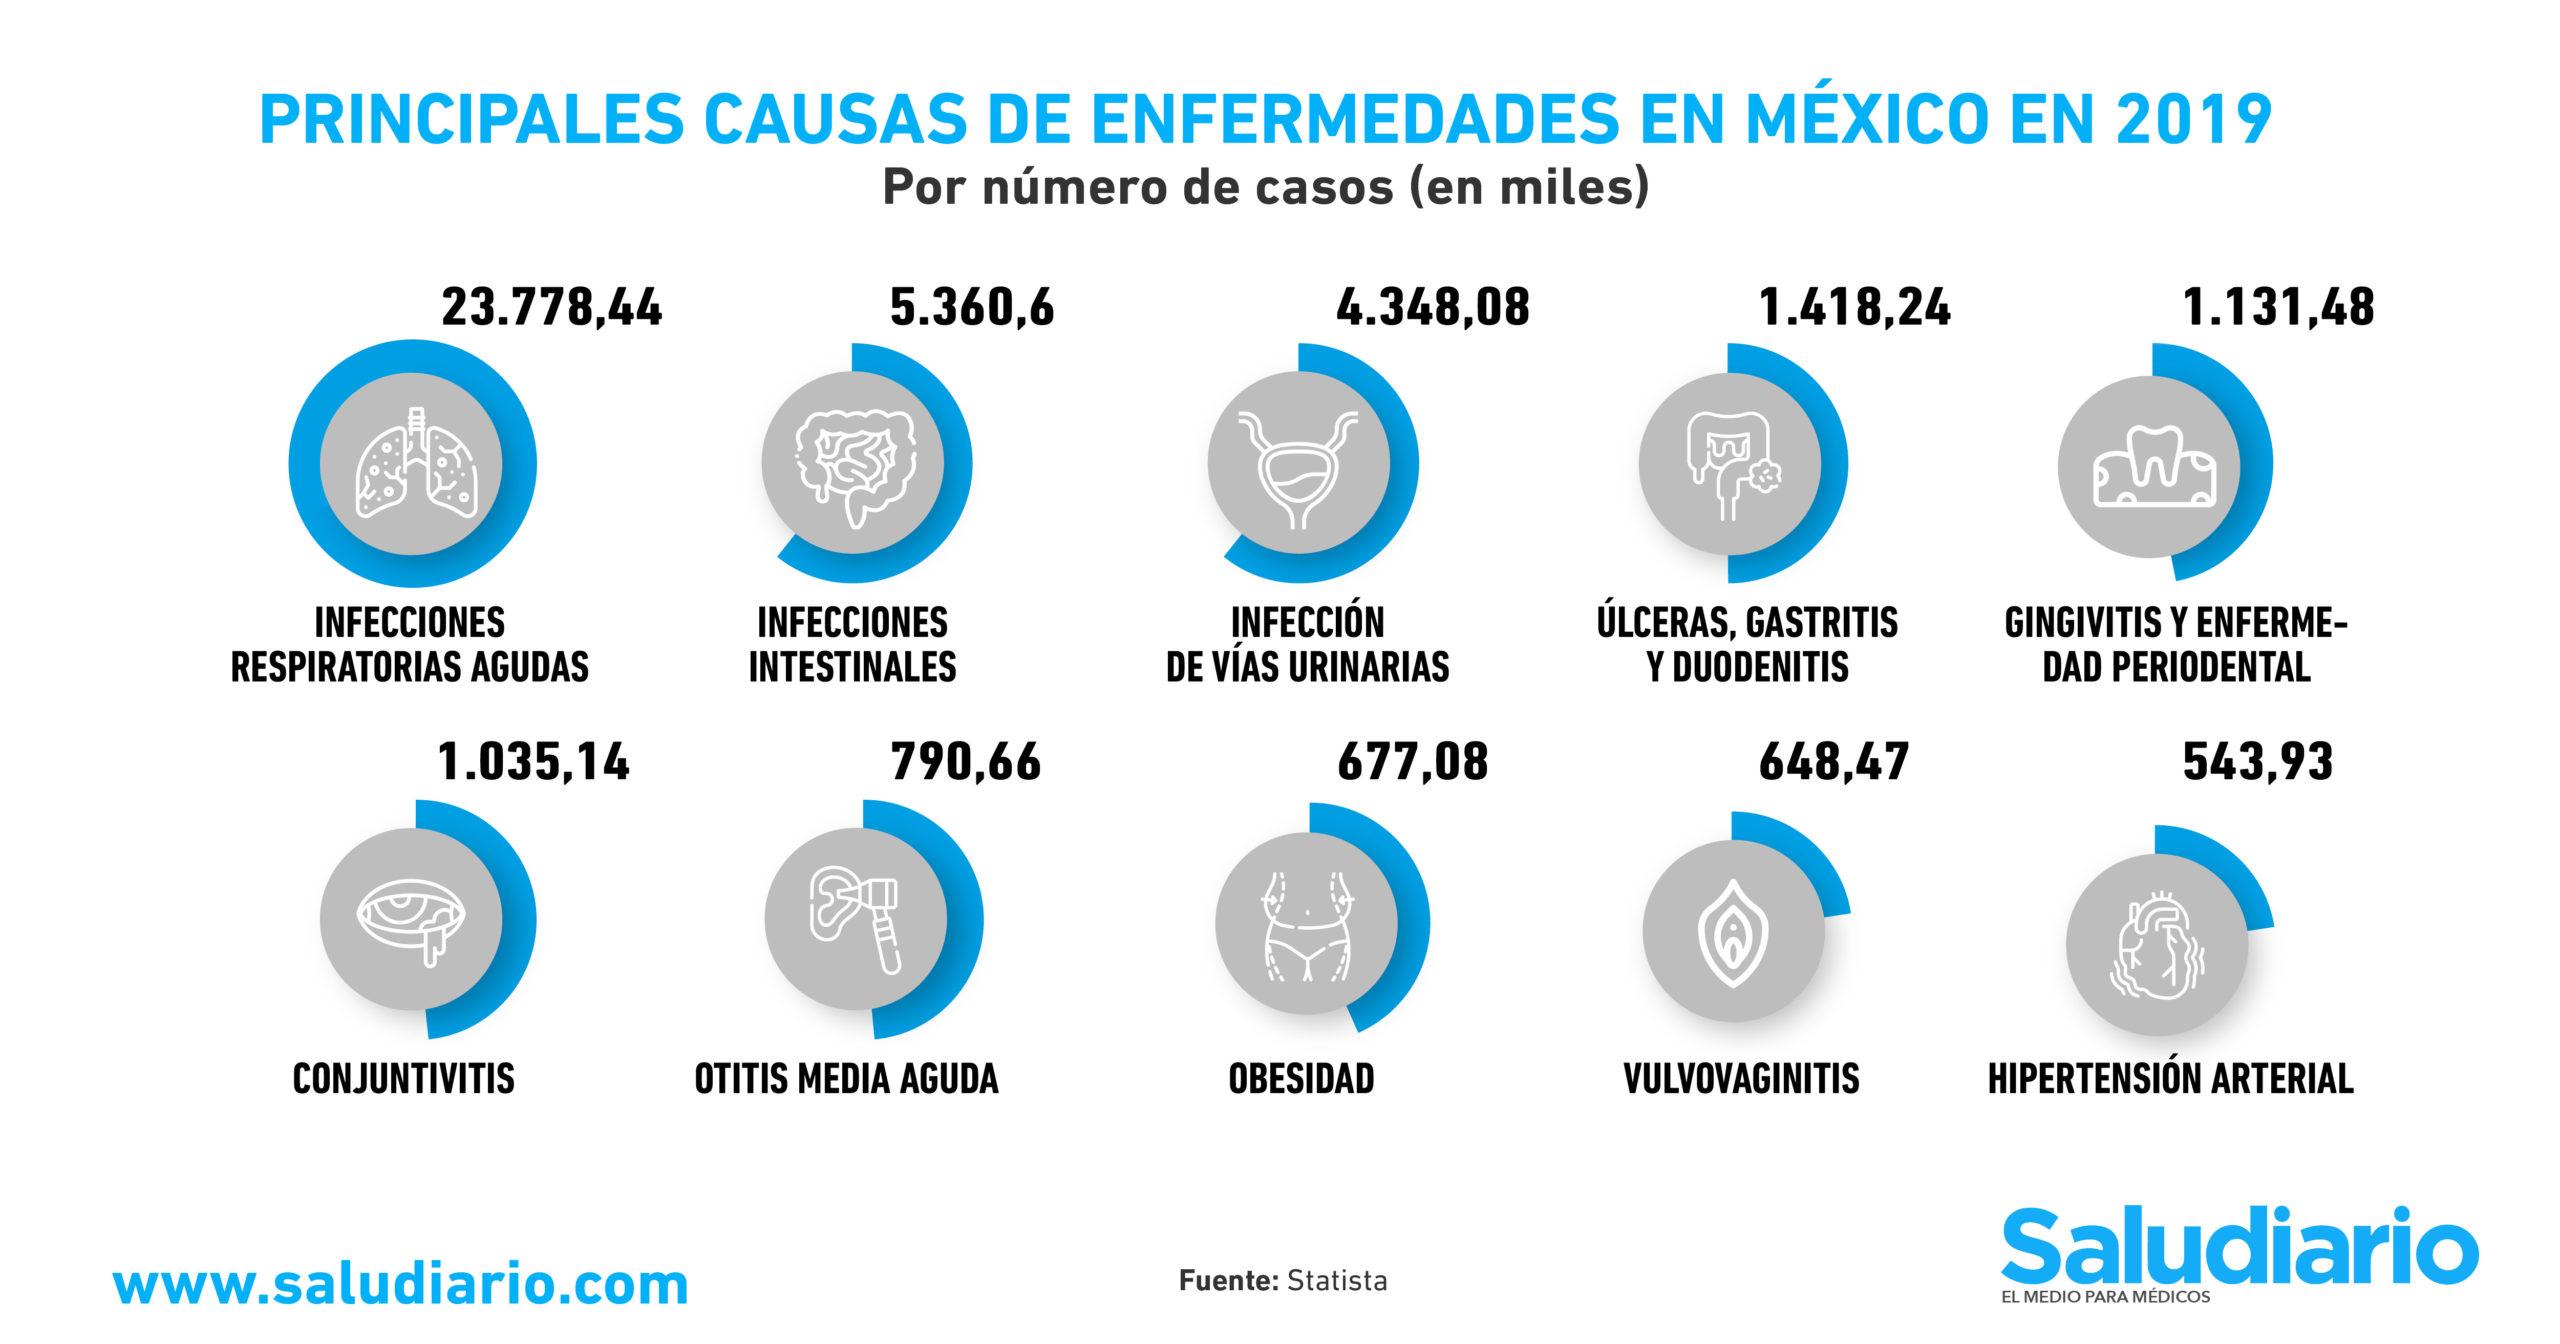 GRÁFICA: Las enfermedades que provocan más consultas médicas en México